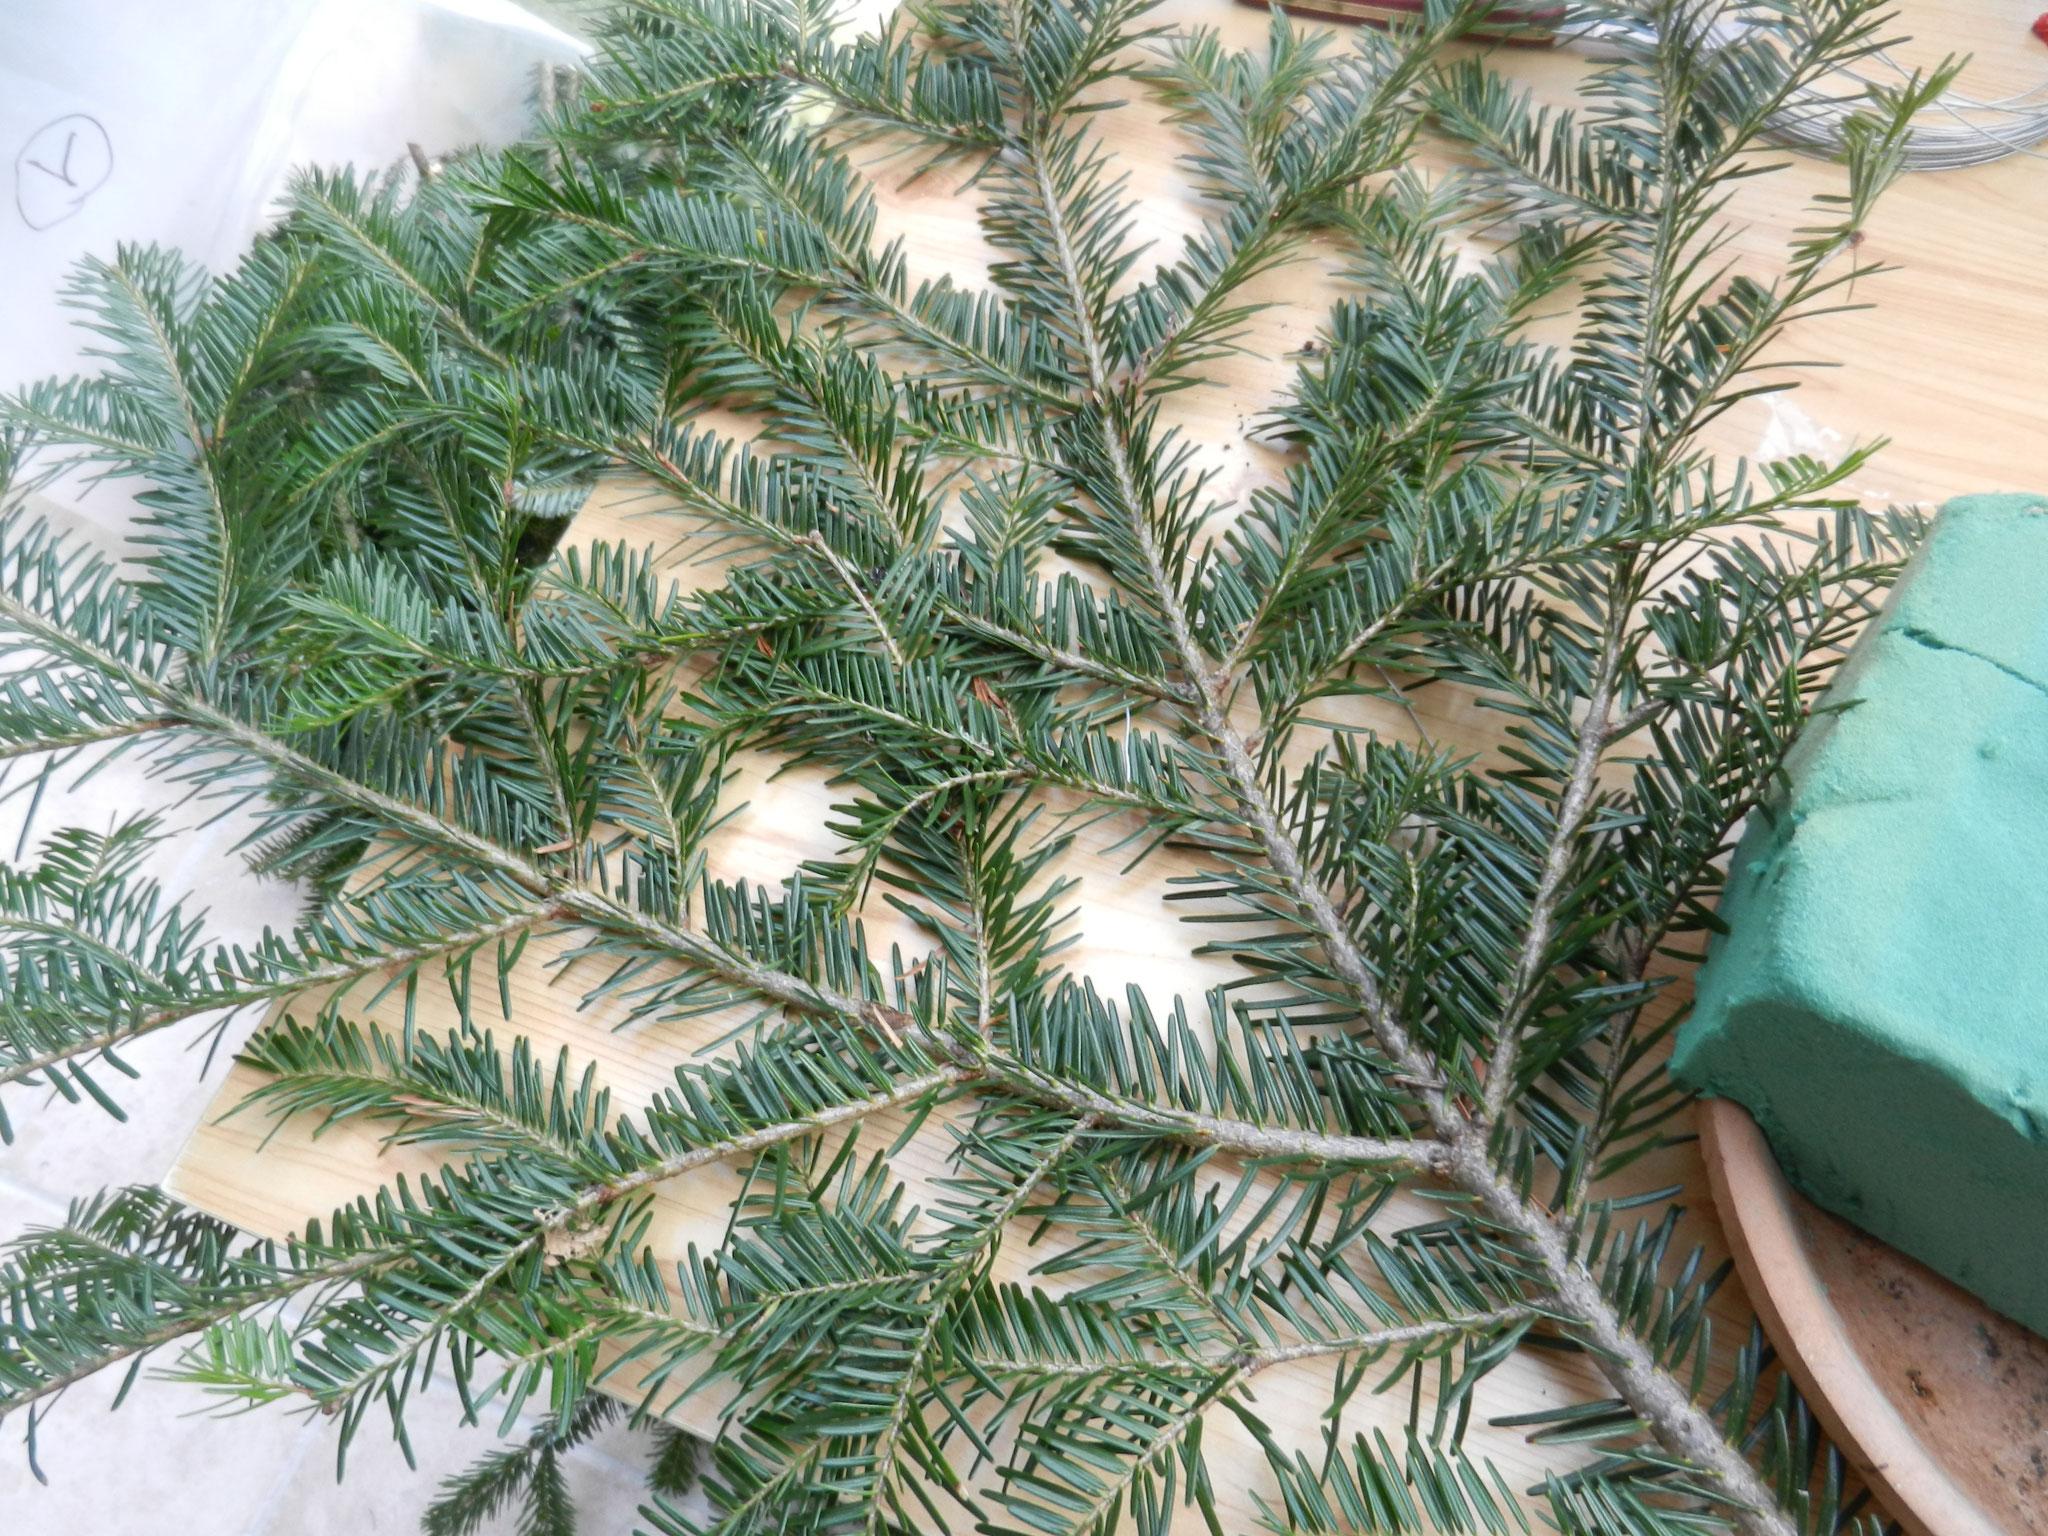 Prendre des branchesde sapin ou autres